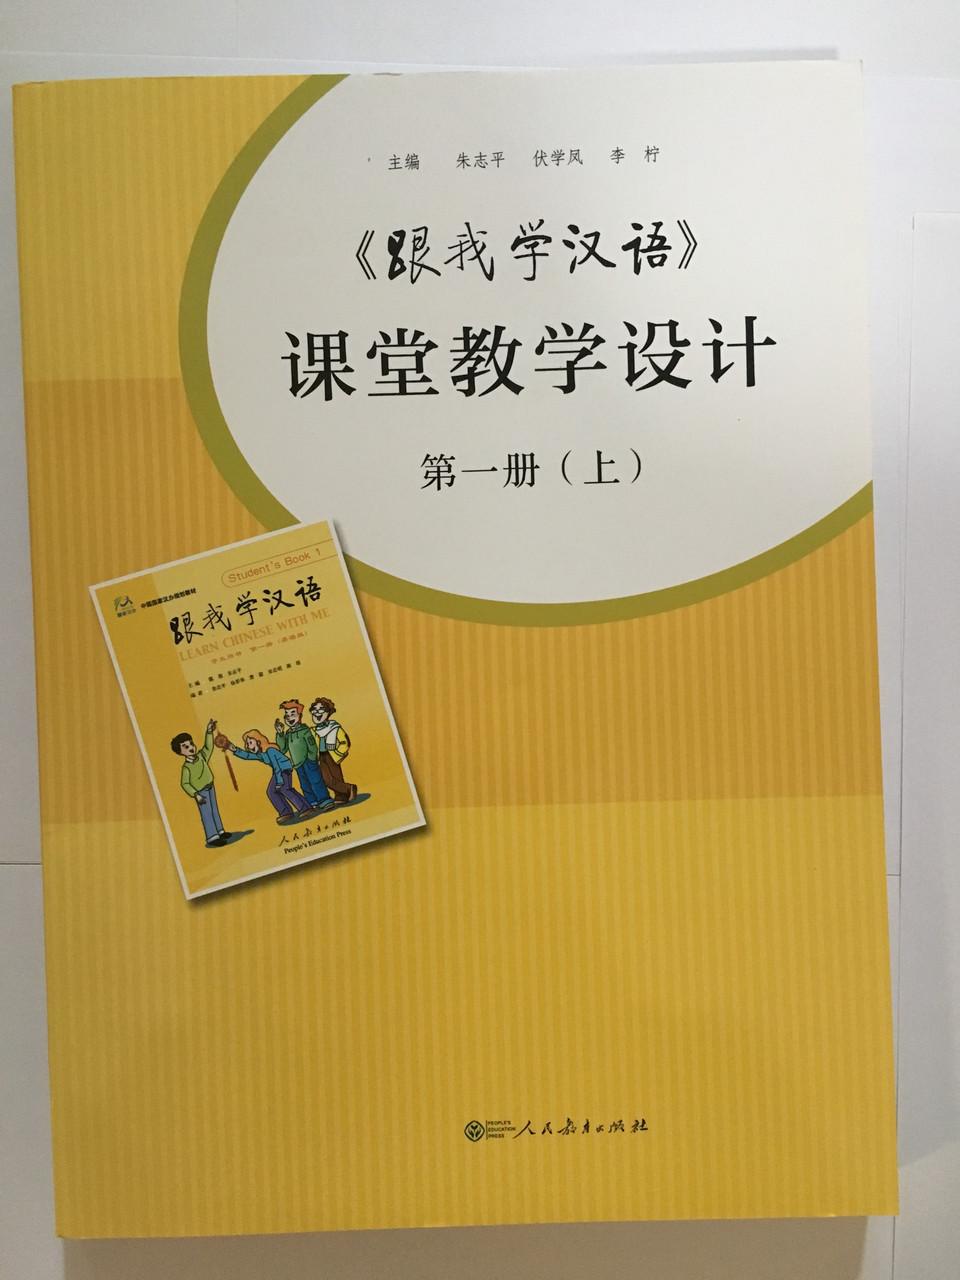 Учитесь у меня китайскому языку. Методическое пособие для начального уровня